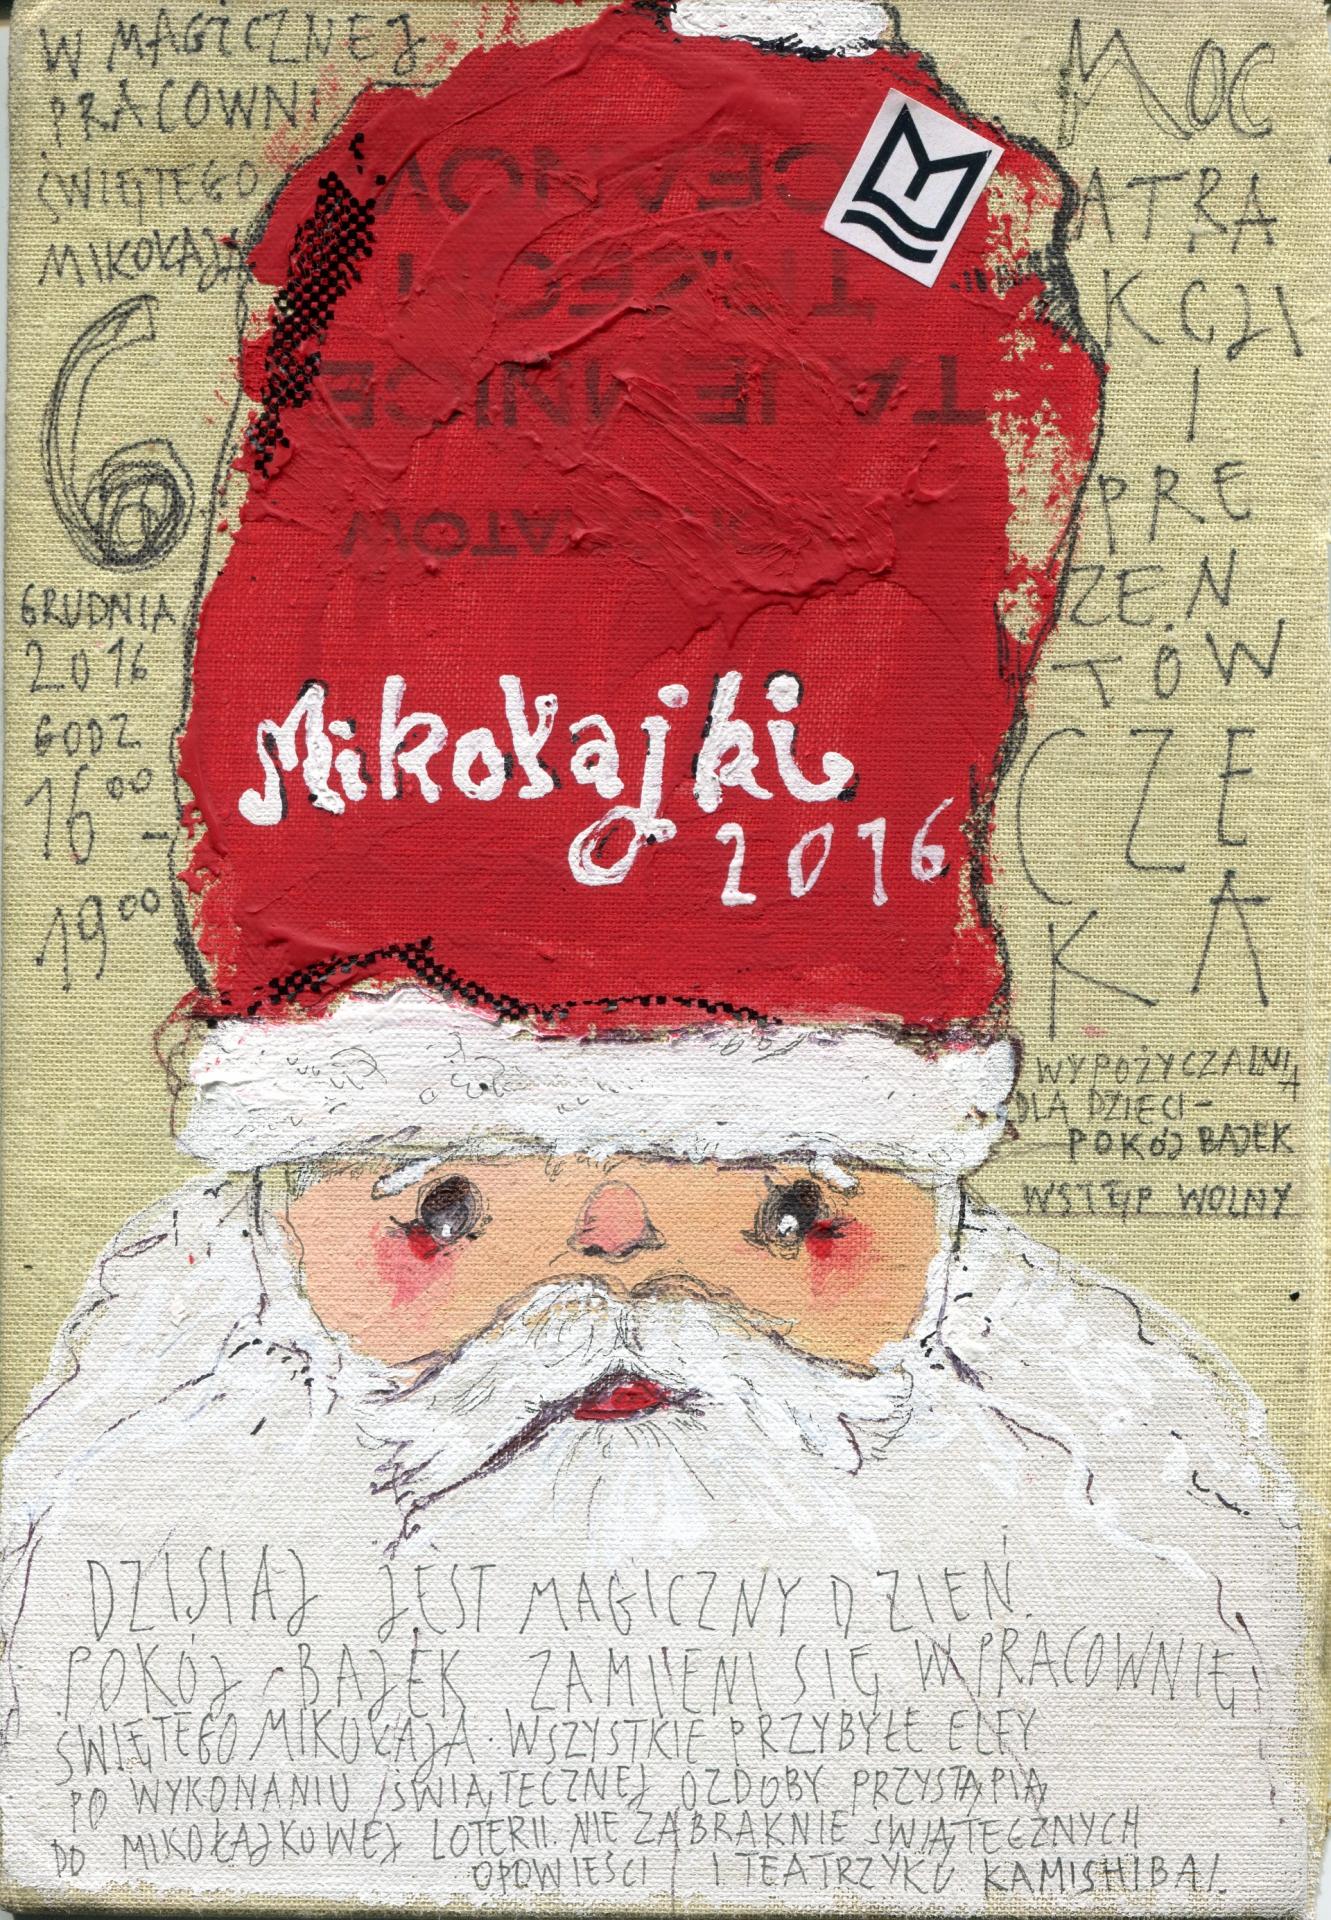 W magicznej pracowni świętego Mikołaja